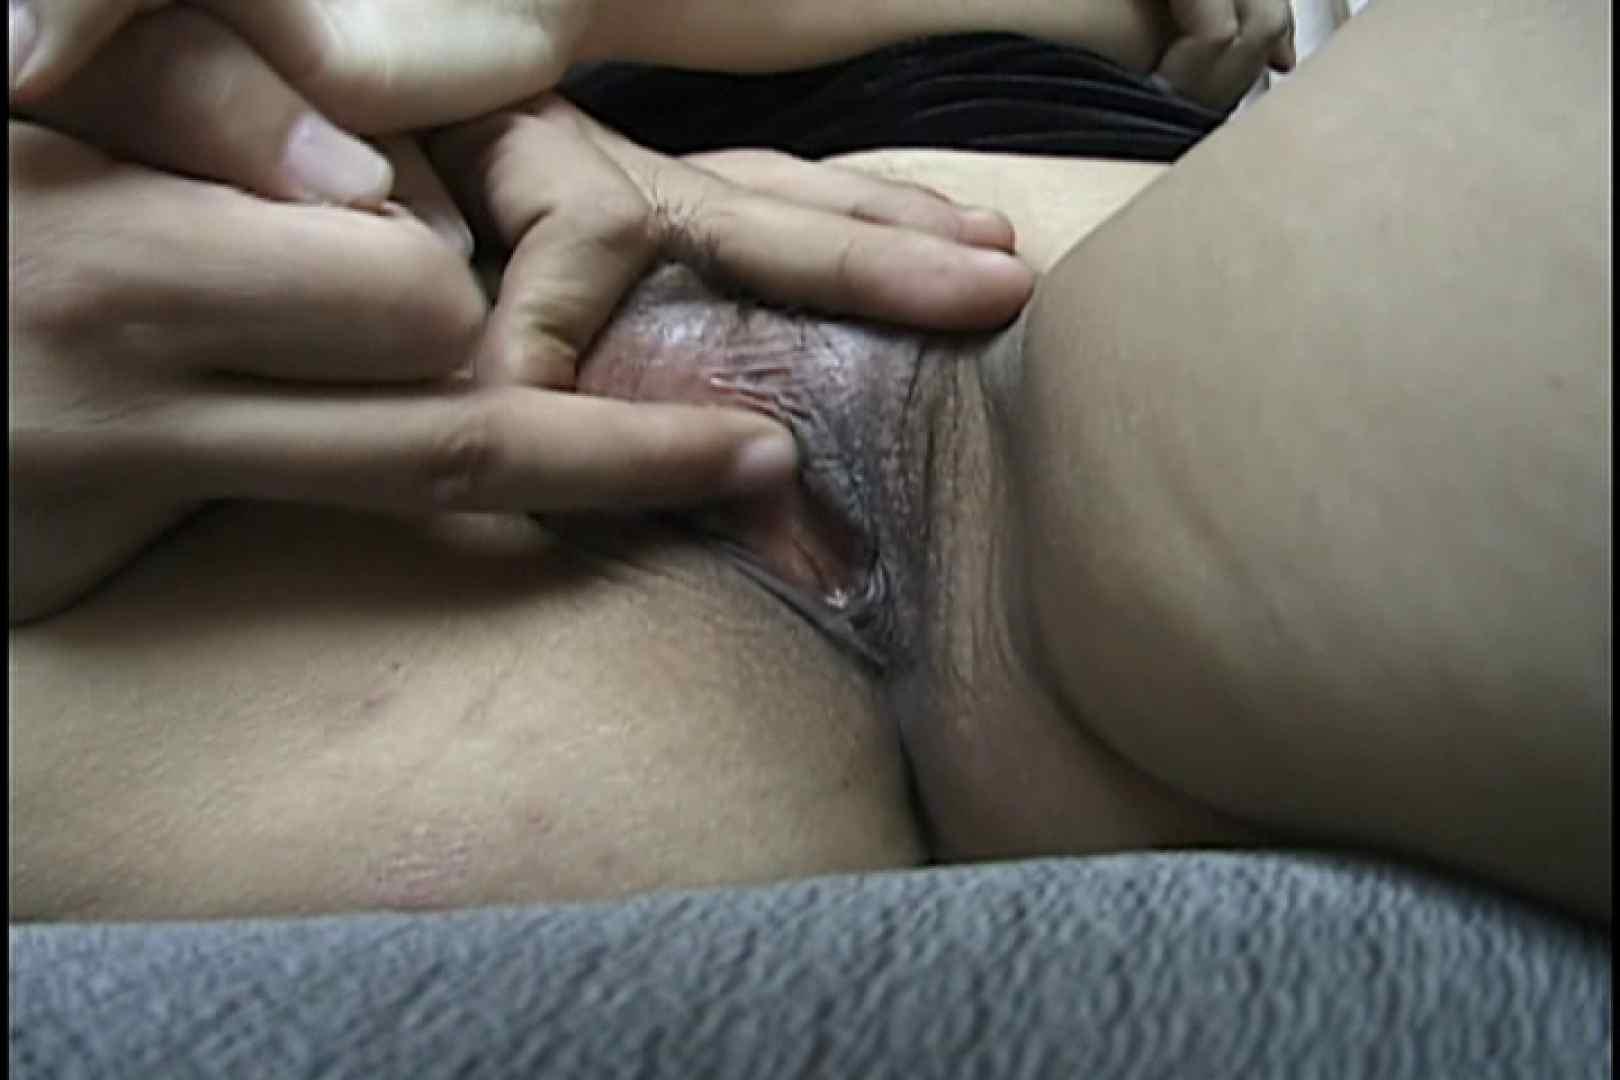 美巨乳Eカップの三十路美人妻と淫乱SEX~島田琴江~ 人妻達のヌード   淫乱  88連発 59